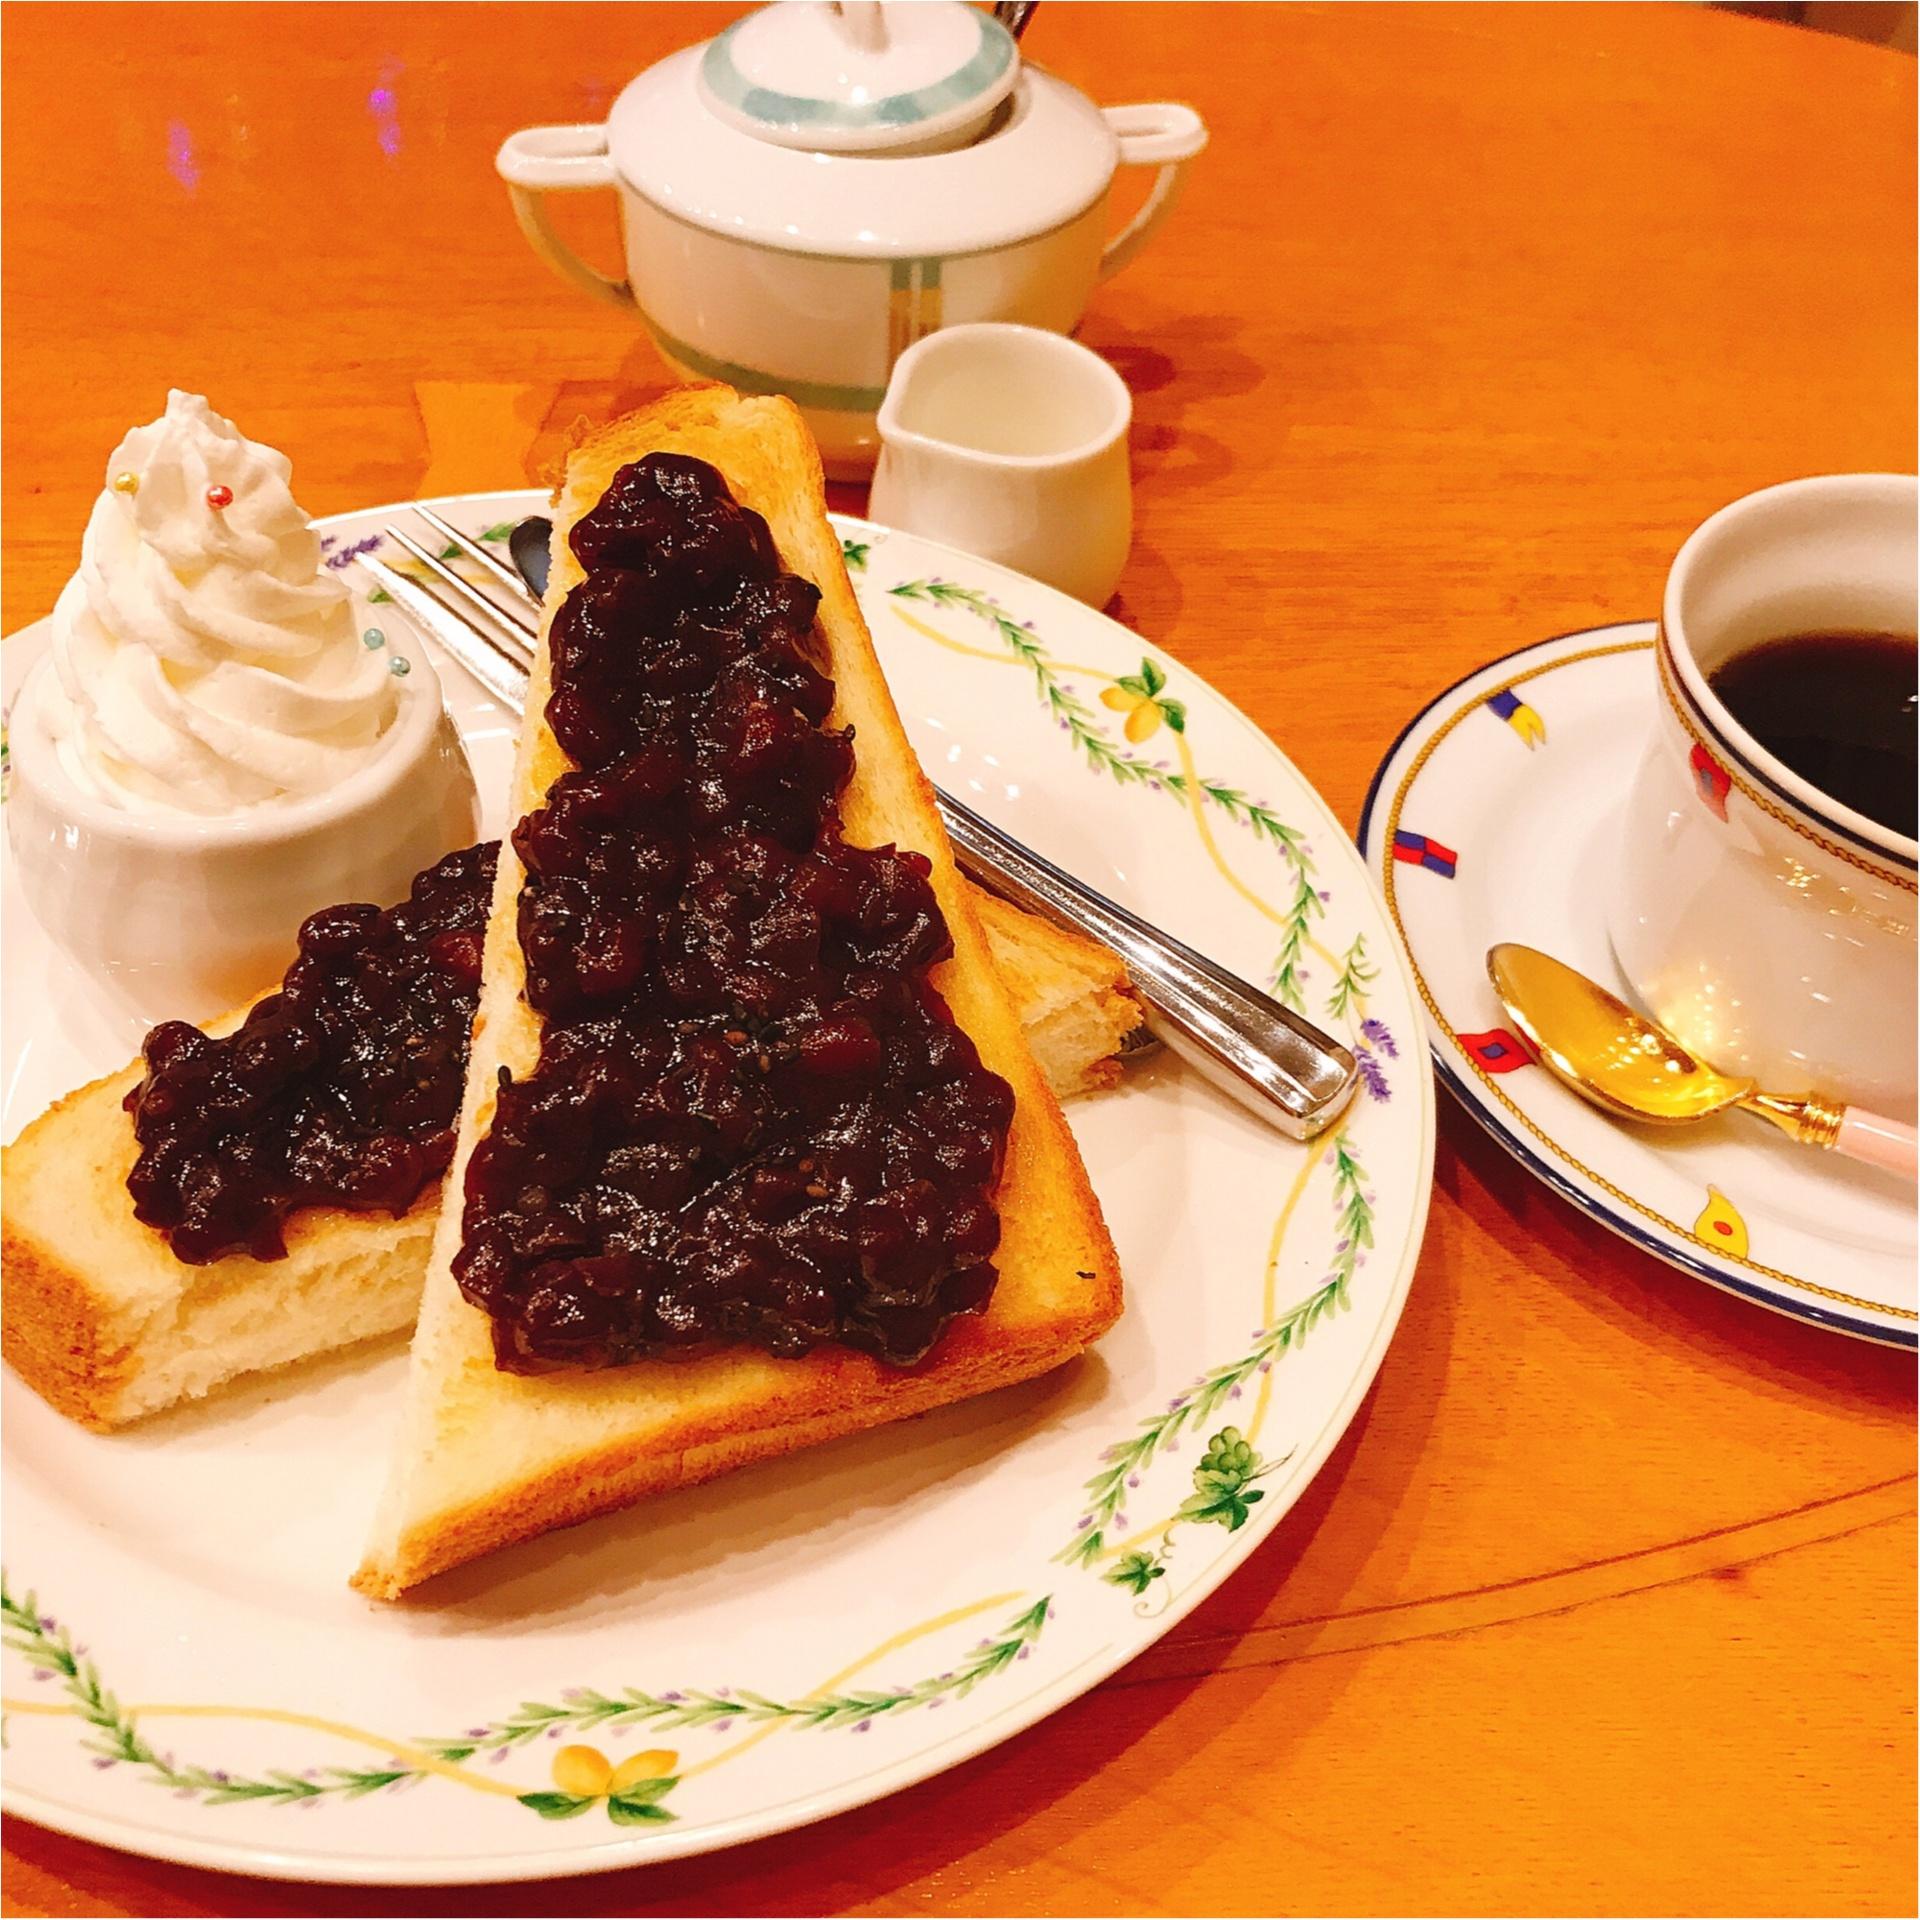 おすすめの喫茶店・カフェ特集 - 東京のレトロな喫茶店4選など、全国のフォトジェニックなカフェまとめ_52